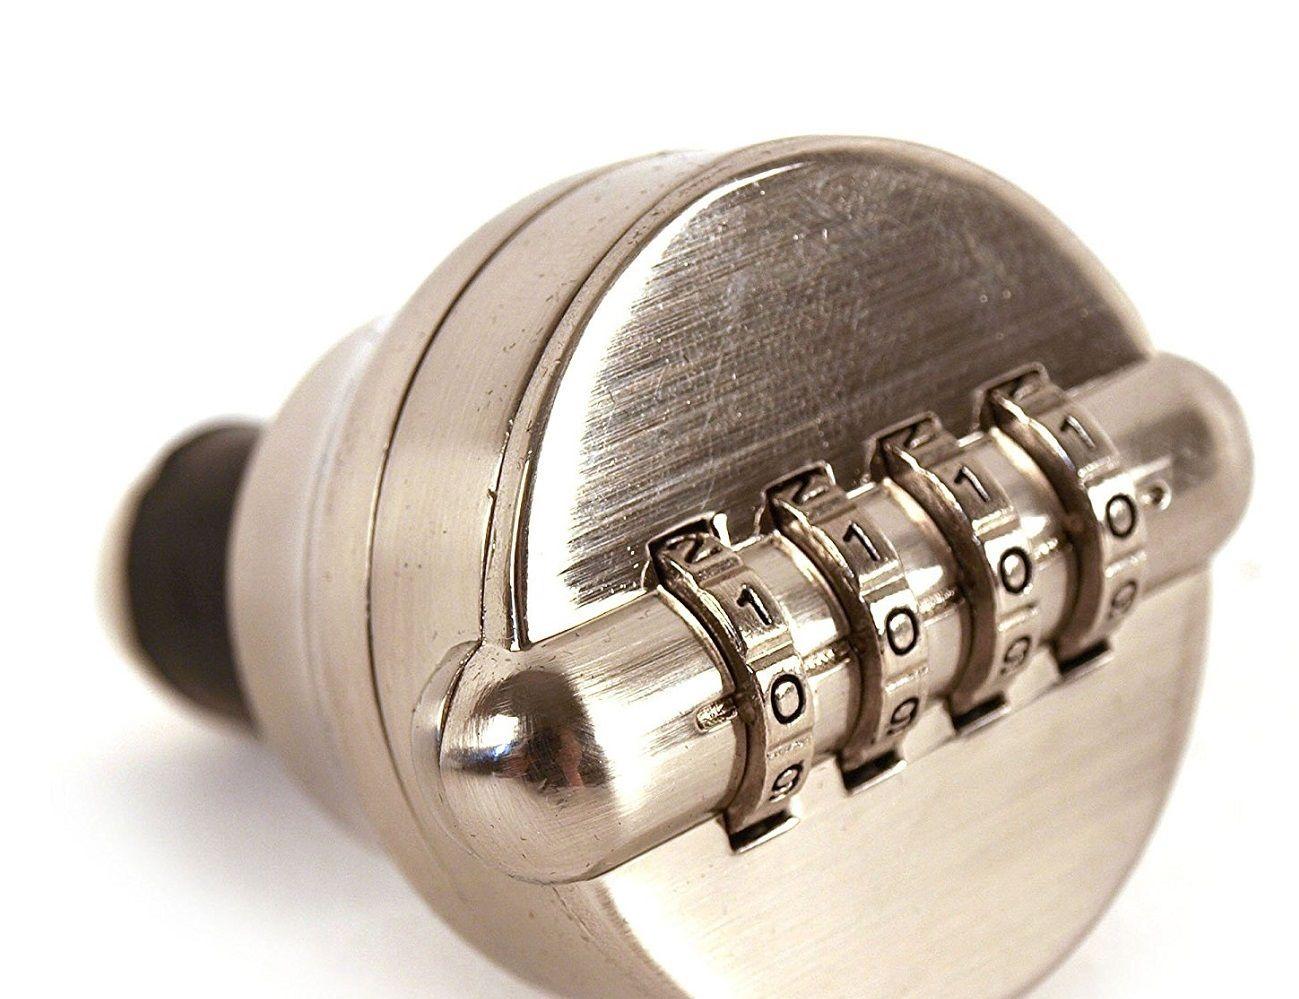 Liquor Bottle Lock